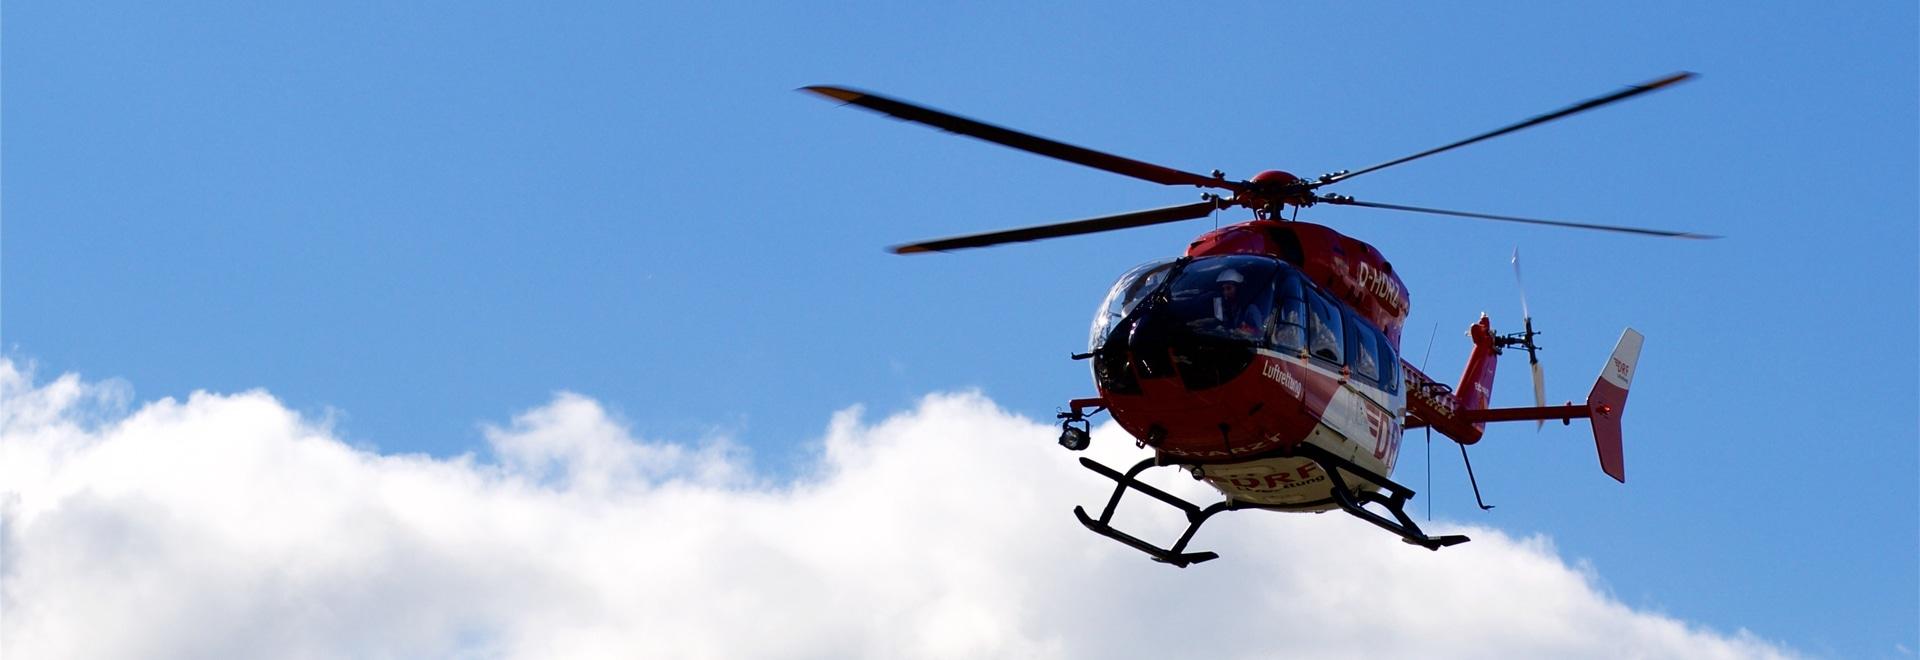 Nuez crítica de la asamblea del rotor para el helicóptero apretado con un multiplicador de esfuerzo de torsión manual alkitronic